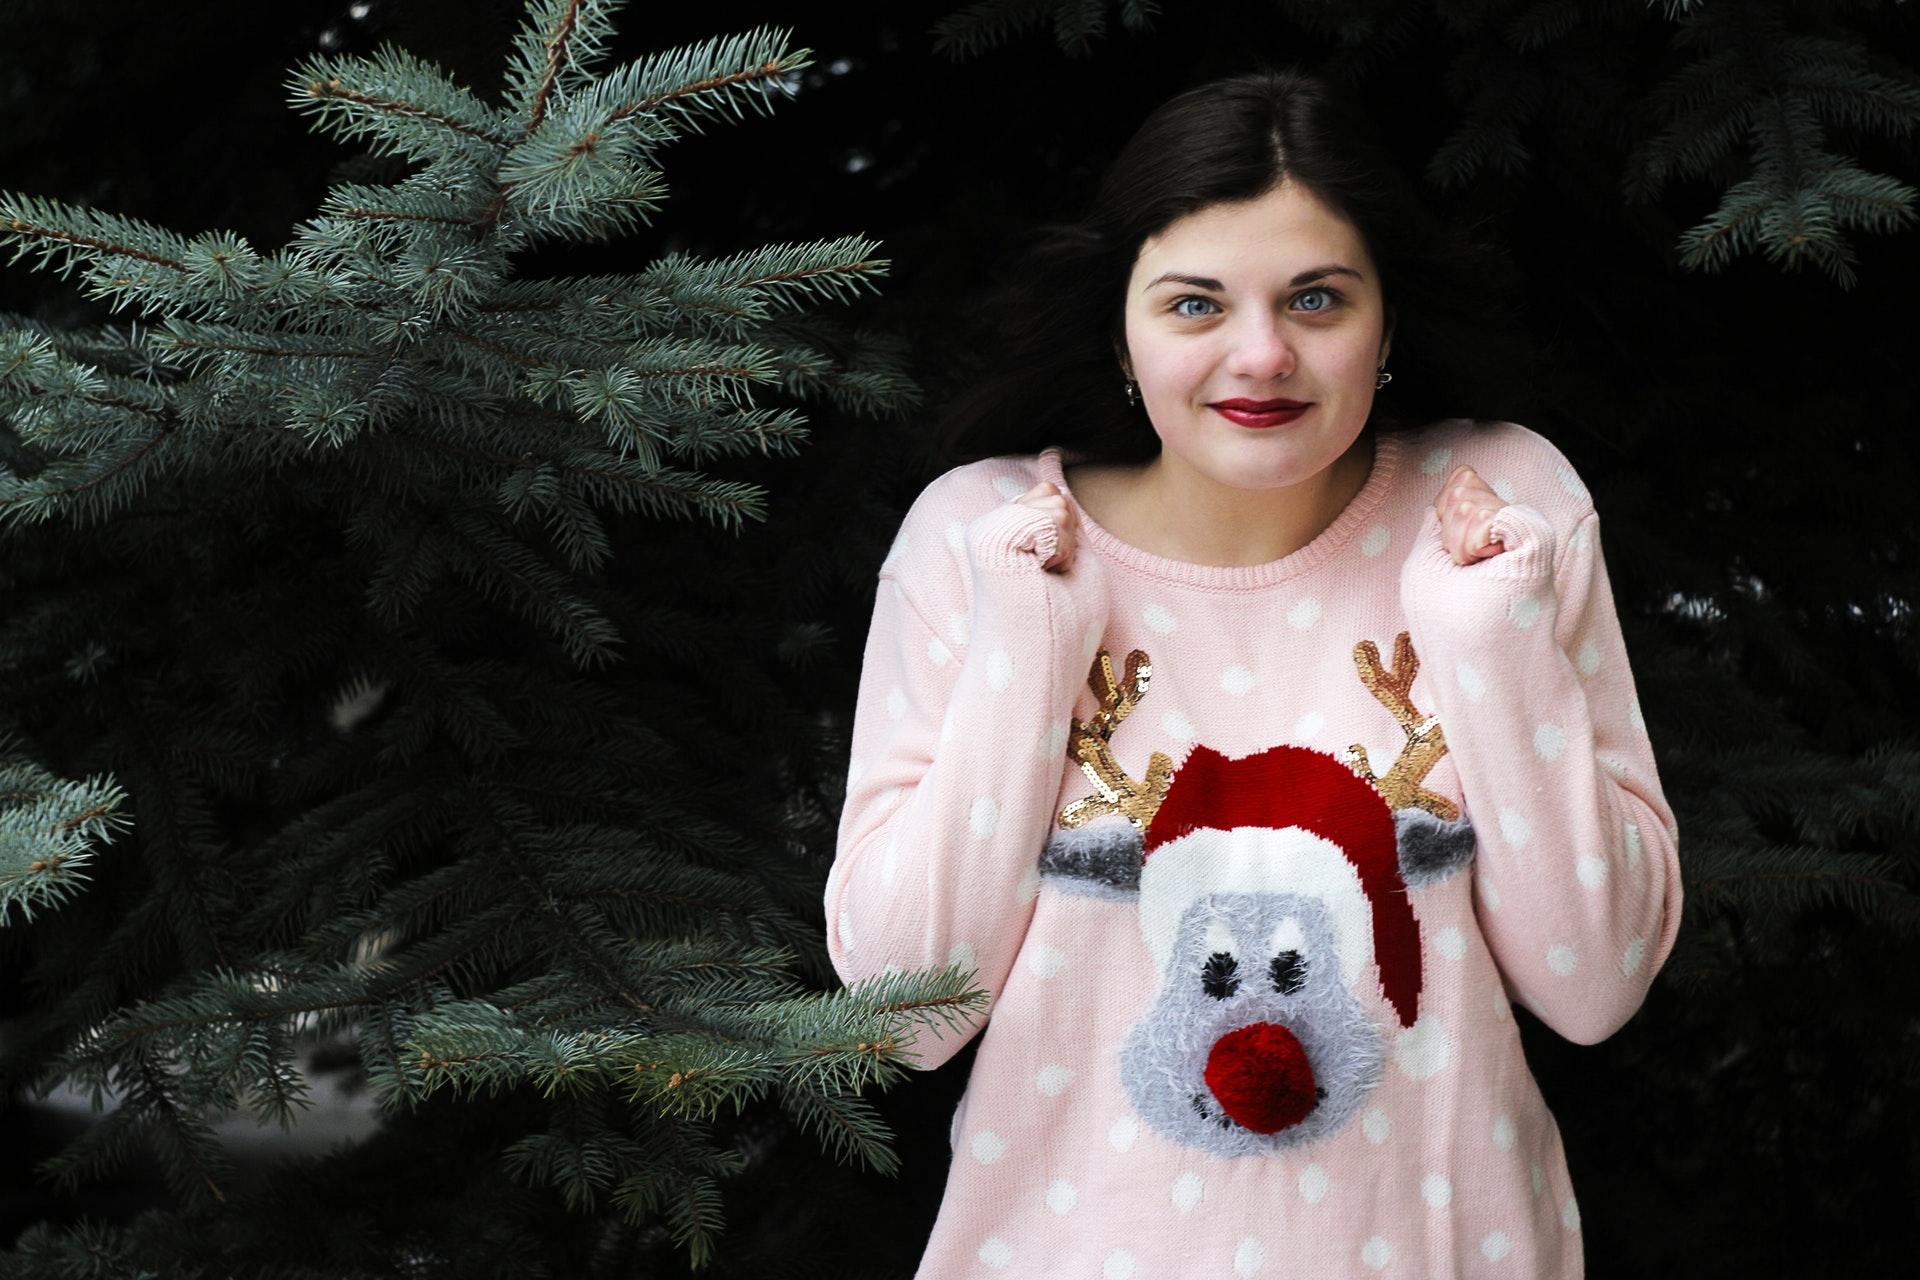 Kersttrui Bonprix.Kersttrui Voor Jong En Oud Deze 10 Zijn Wel Heel Fout Goedkoop Nl